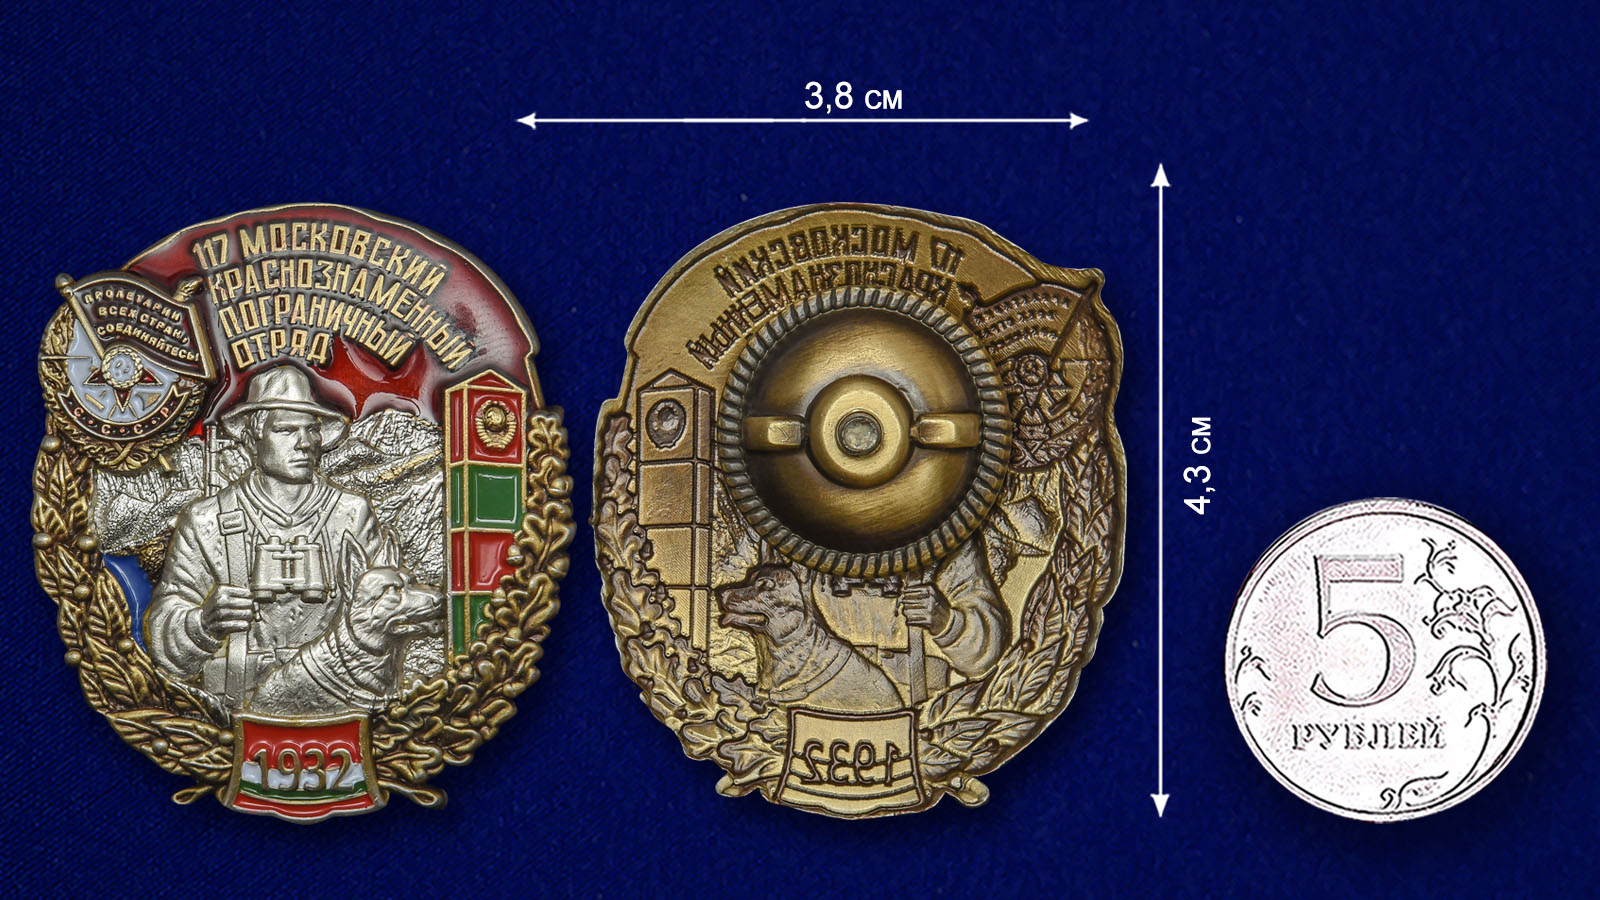 Знак 117 Московский Краснознамённый Пограничный отряд - размер